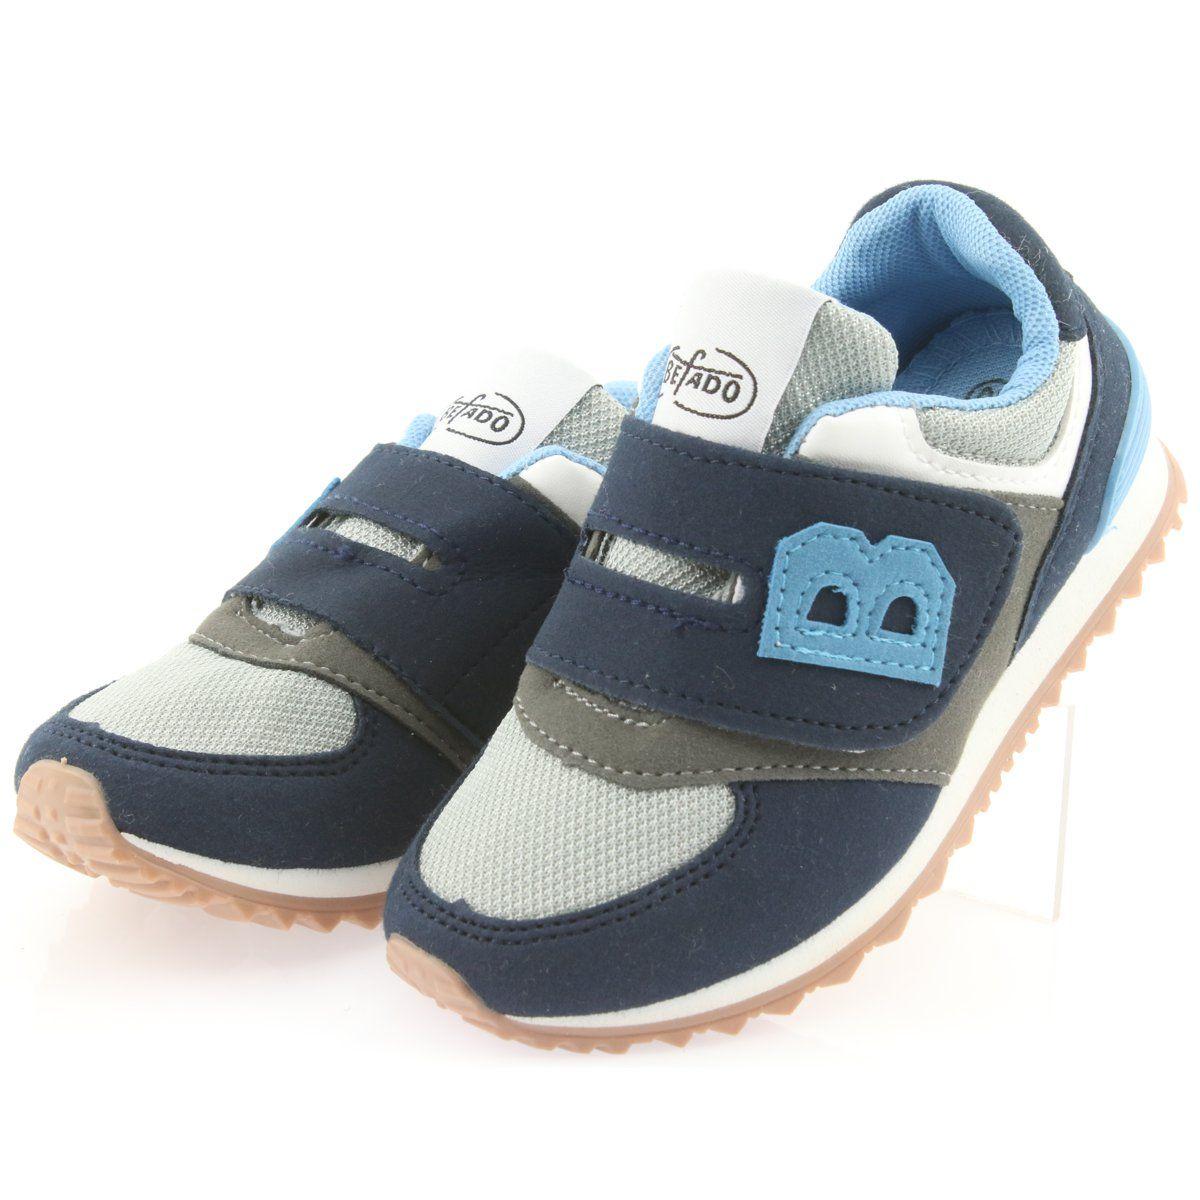 Befado Obuwie Dzieciece Do 23 Cm 516y041 Niebieskie Szare Granatowe Baby Shoes Shoes Fashion